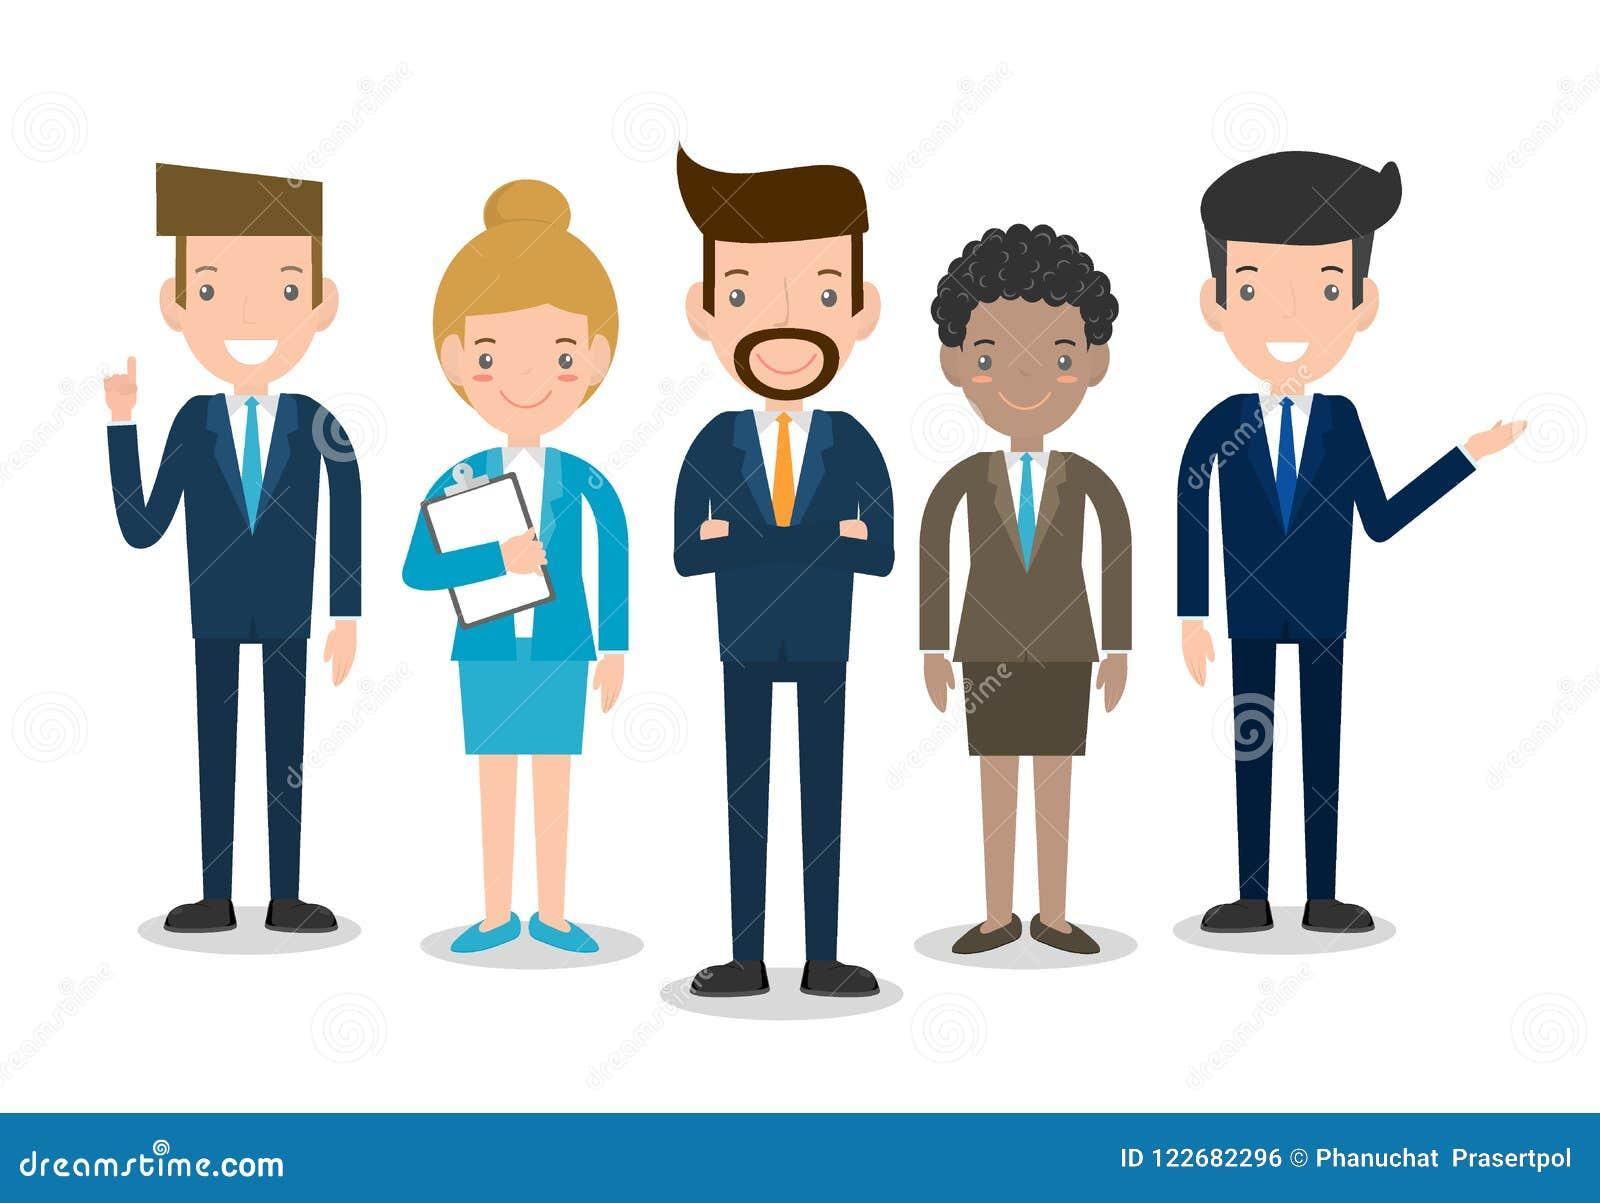 Geschäftsleute gruppieren verschiedenes Team-, Geschäftsteam von Angestellten und von Chef, Geschäftsmann und Geschäftsfrau